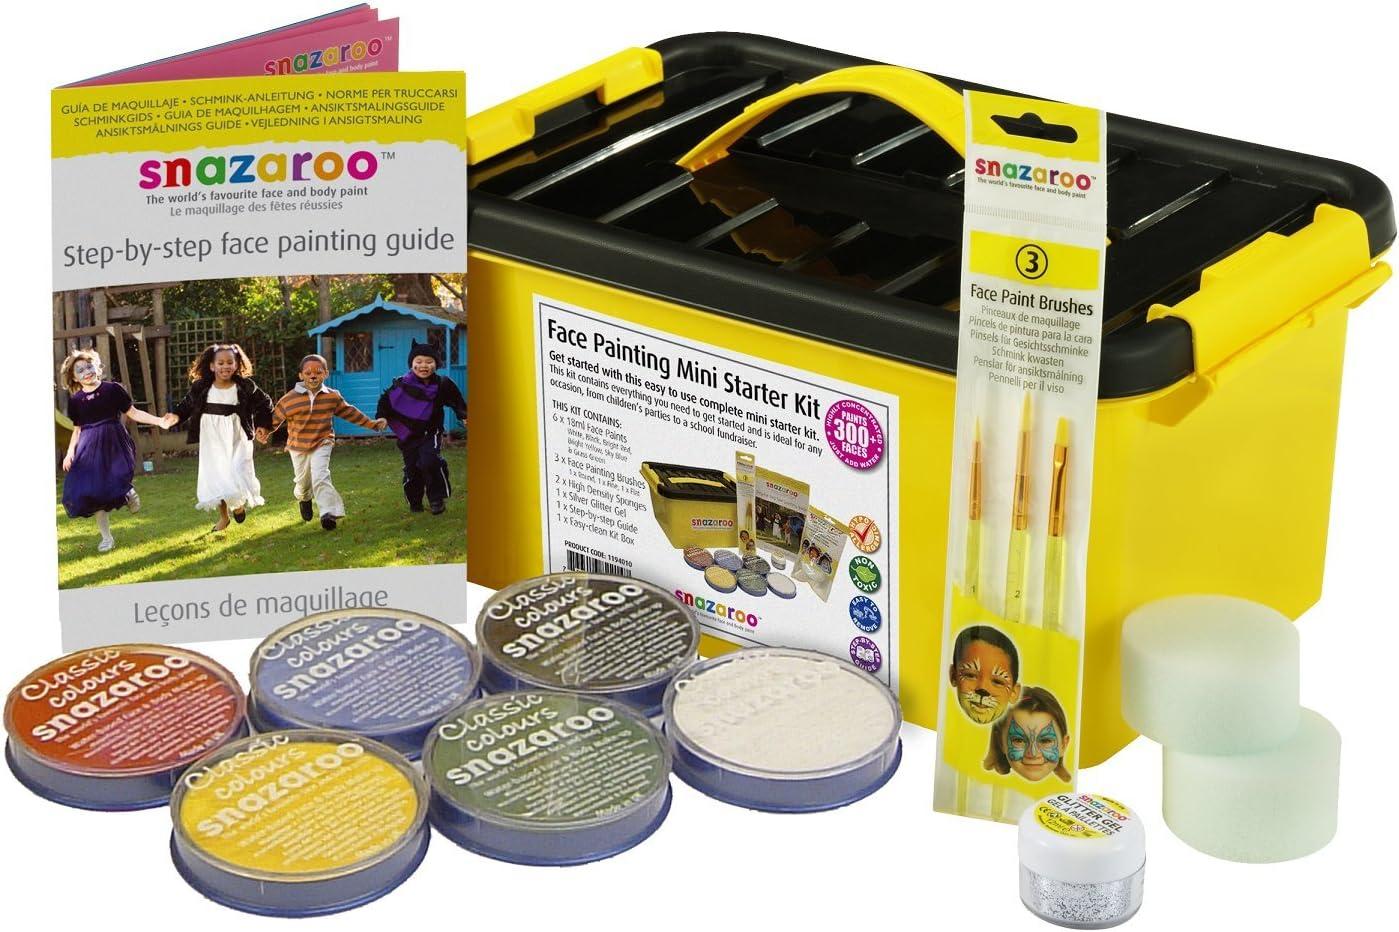 Snazaroo - Pintura facial y corporal, mini kit para principiantes, 14 piezas , color/modelo surtido